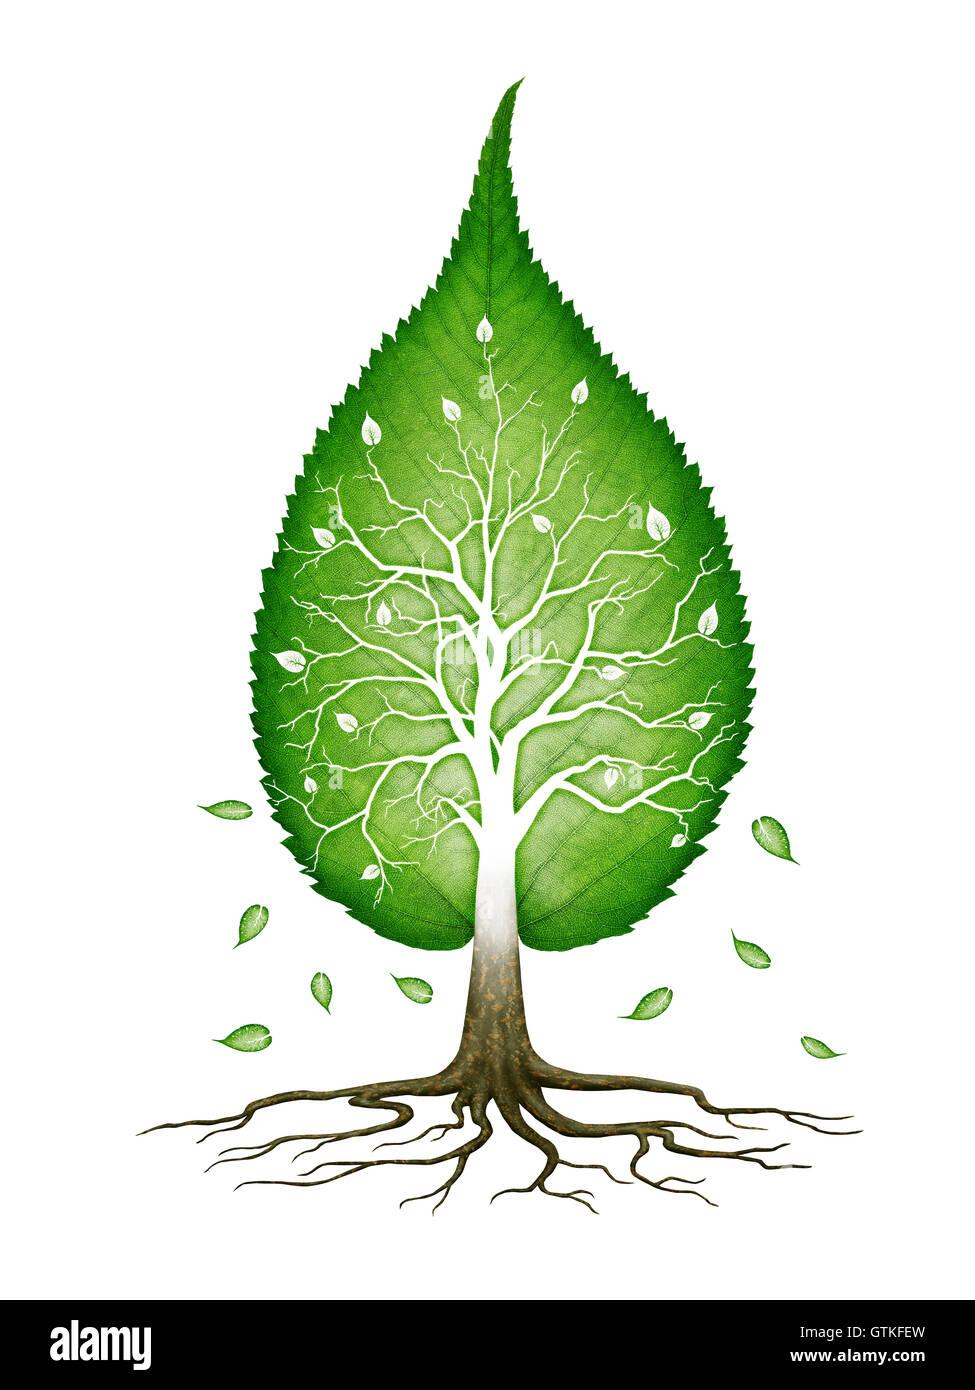 Grünes Blatt geformt Baum mit Ästen und Wurzeln Natur unendliche Fraktale spirituelle Zen Konzept isoliert Stockbild